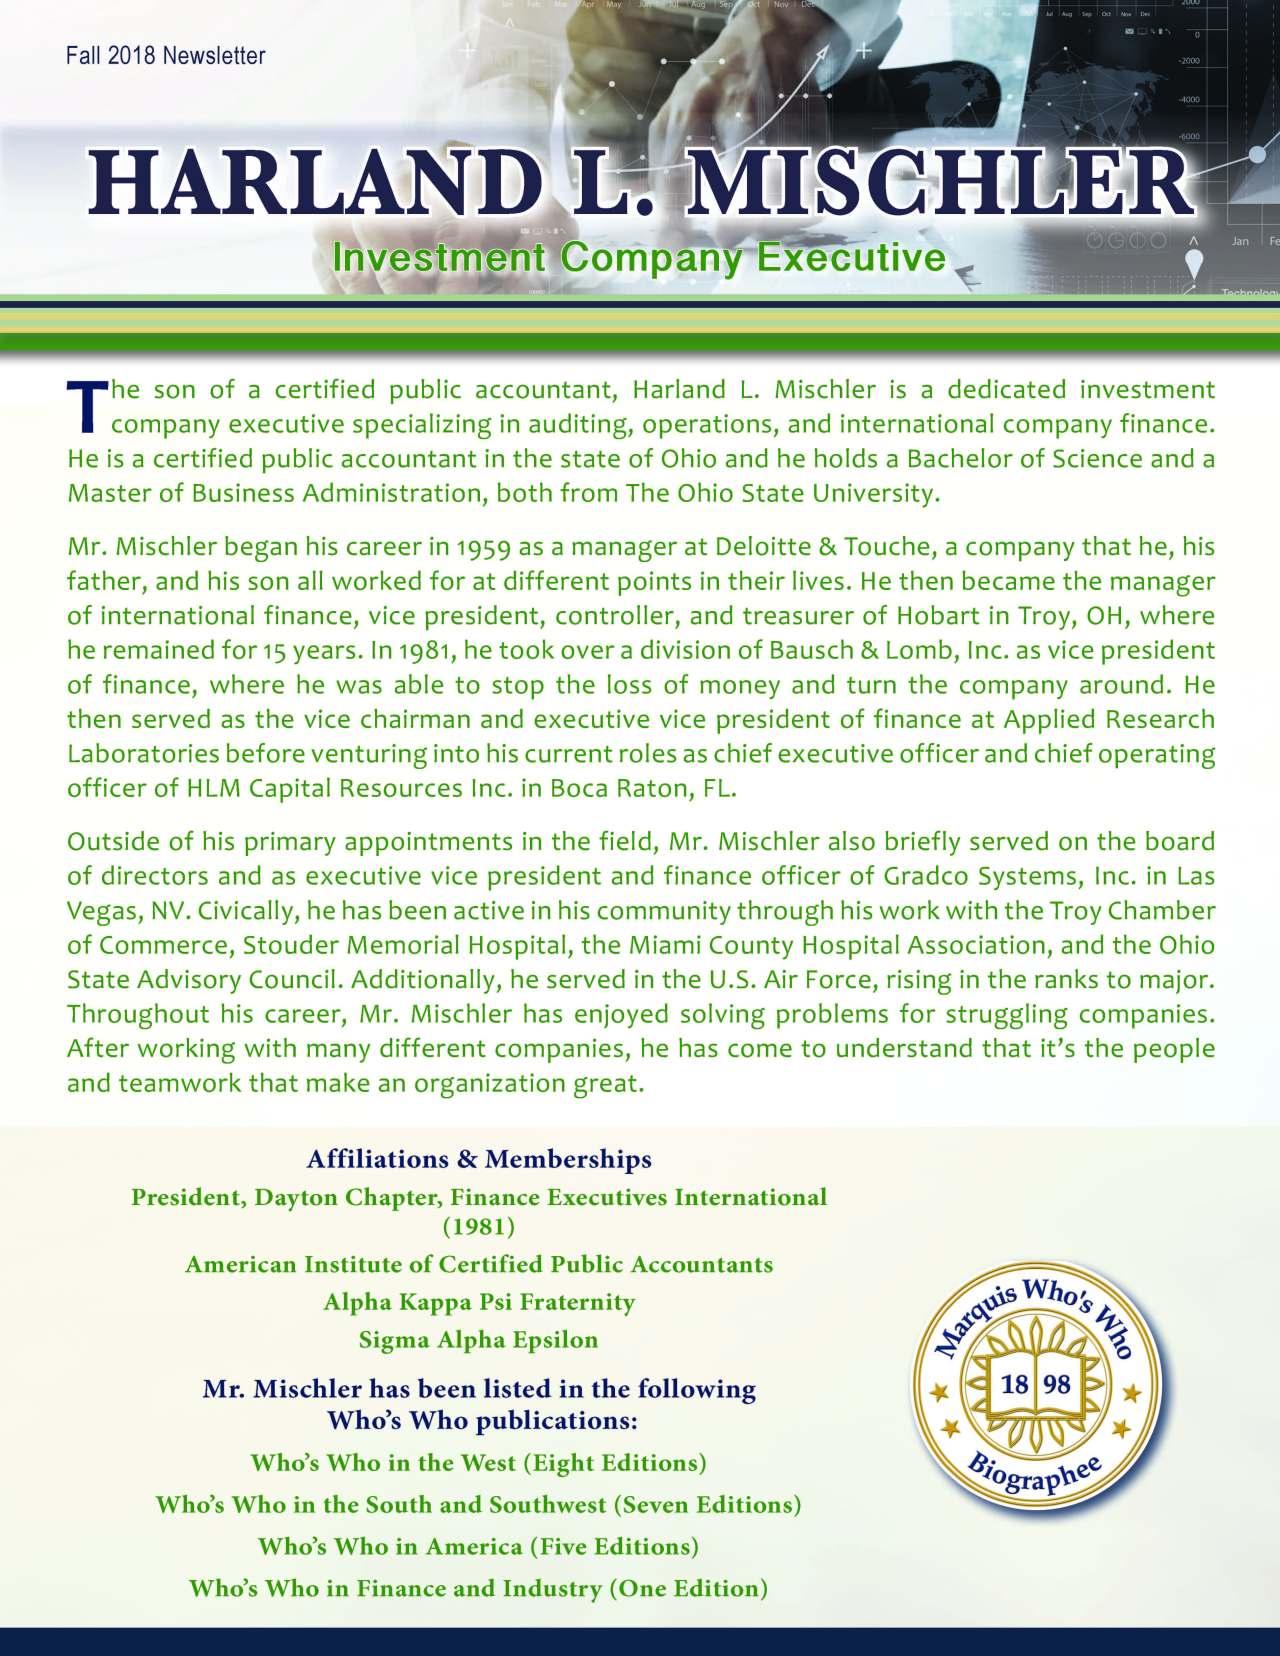 Mischler, Harland 4117483_2710721 Newsletter.jpg